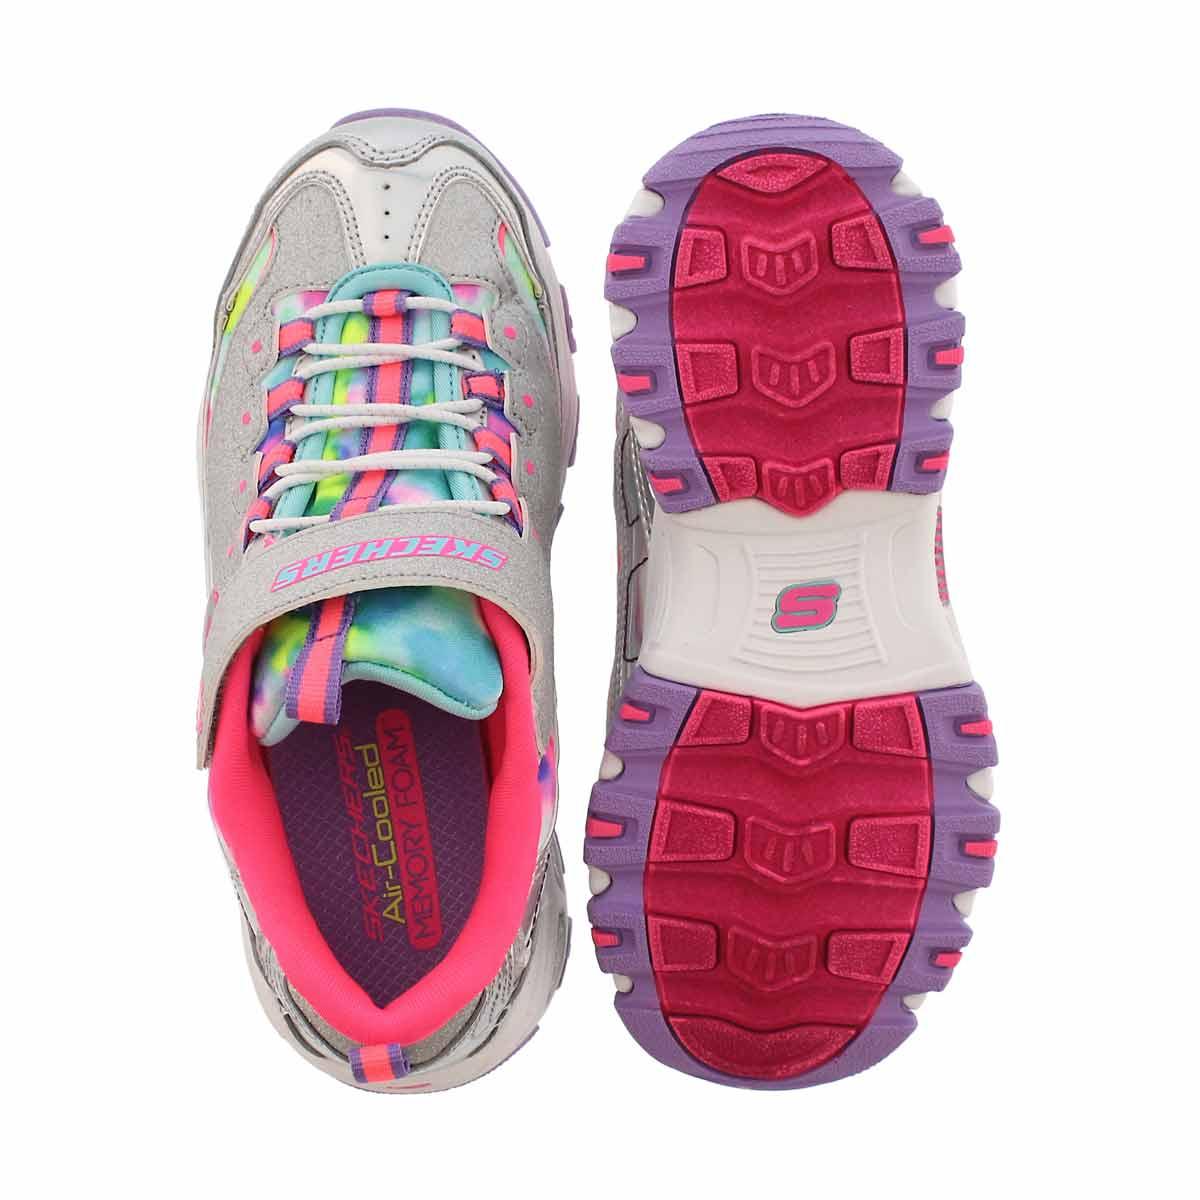 Grls D'Lites silver/multi sneaker